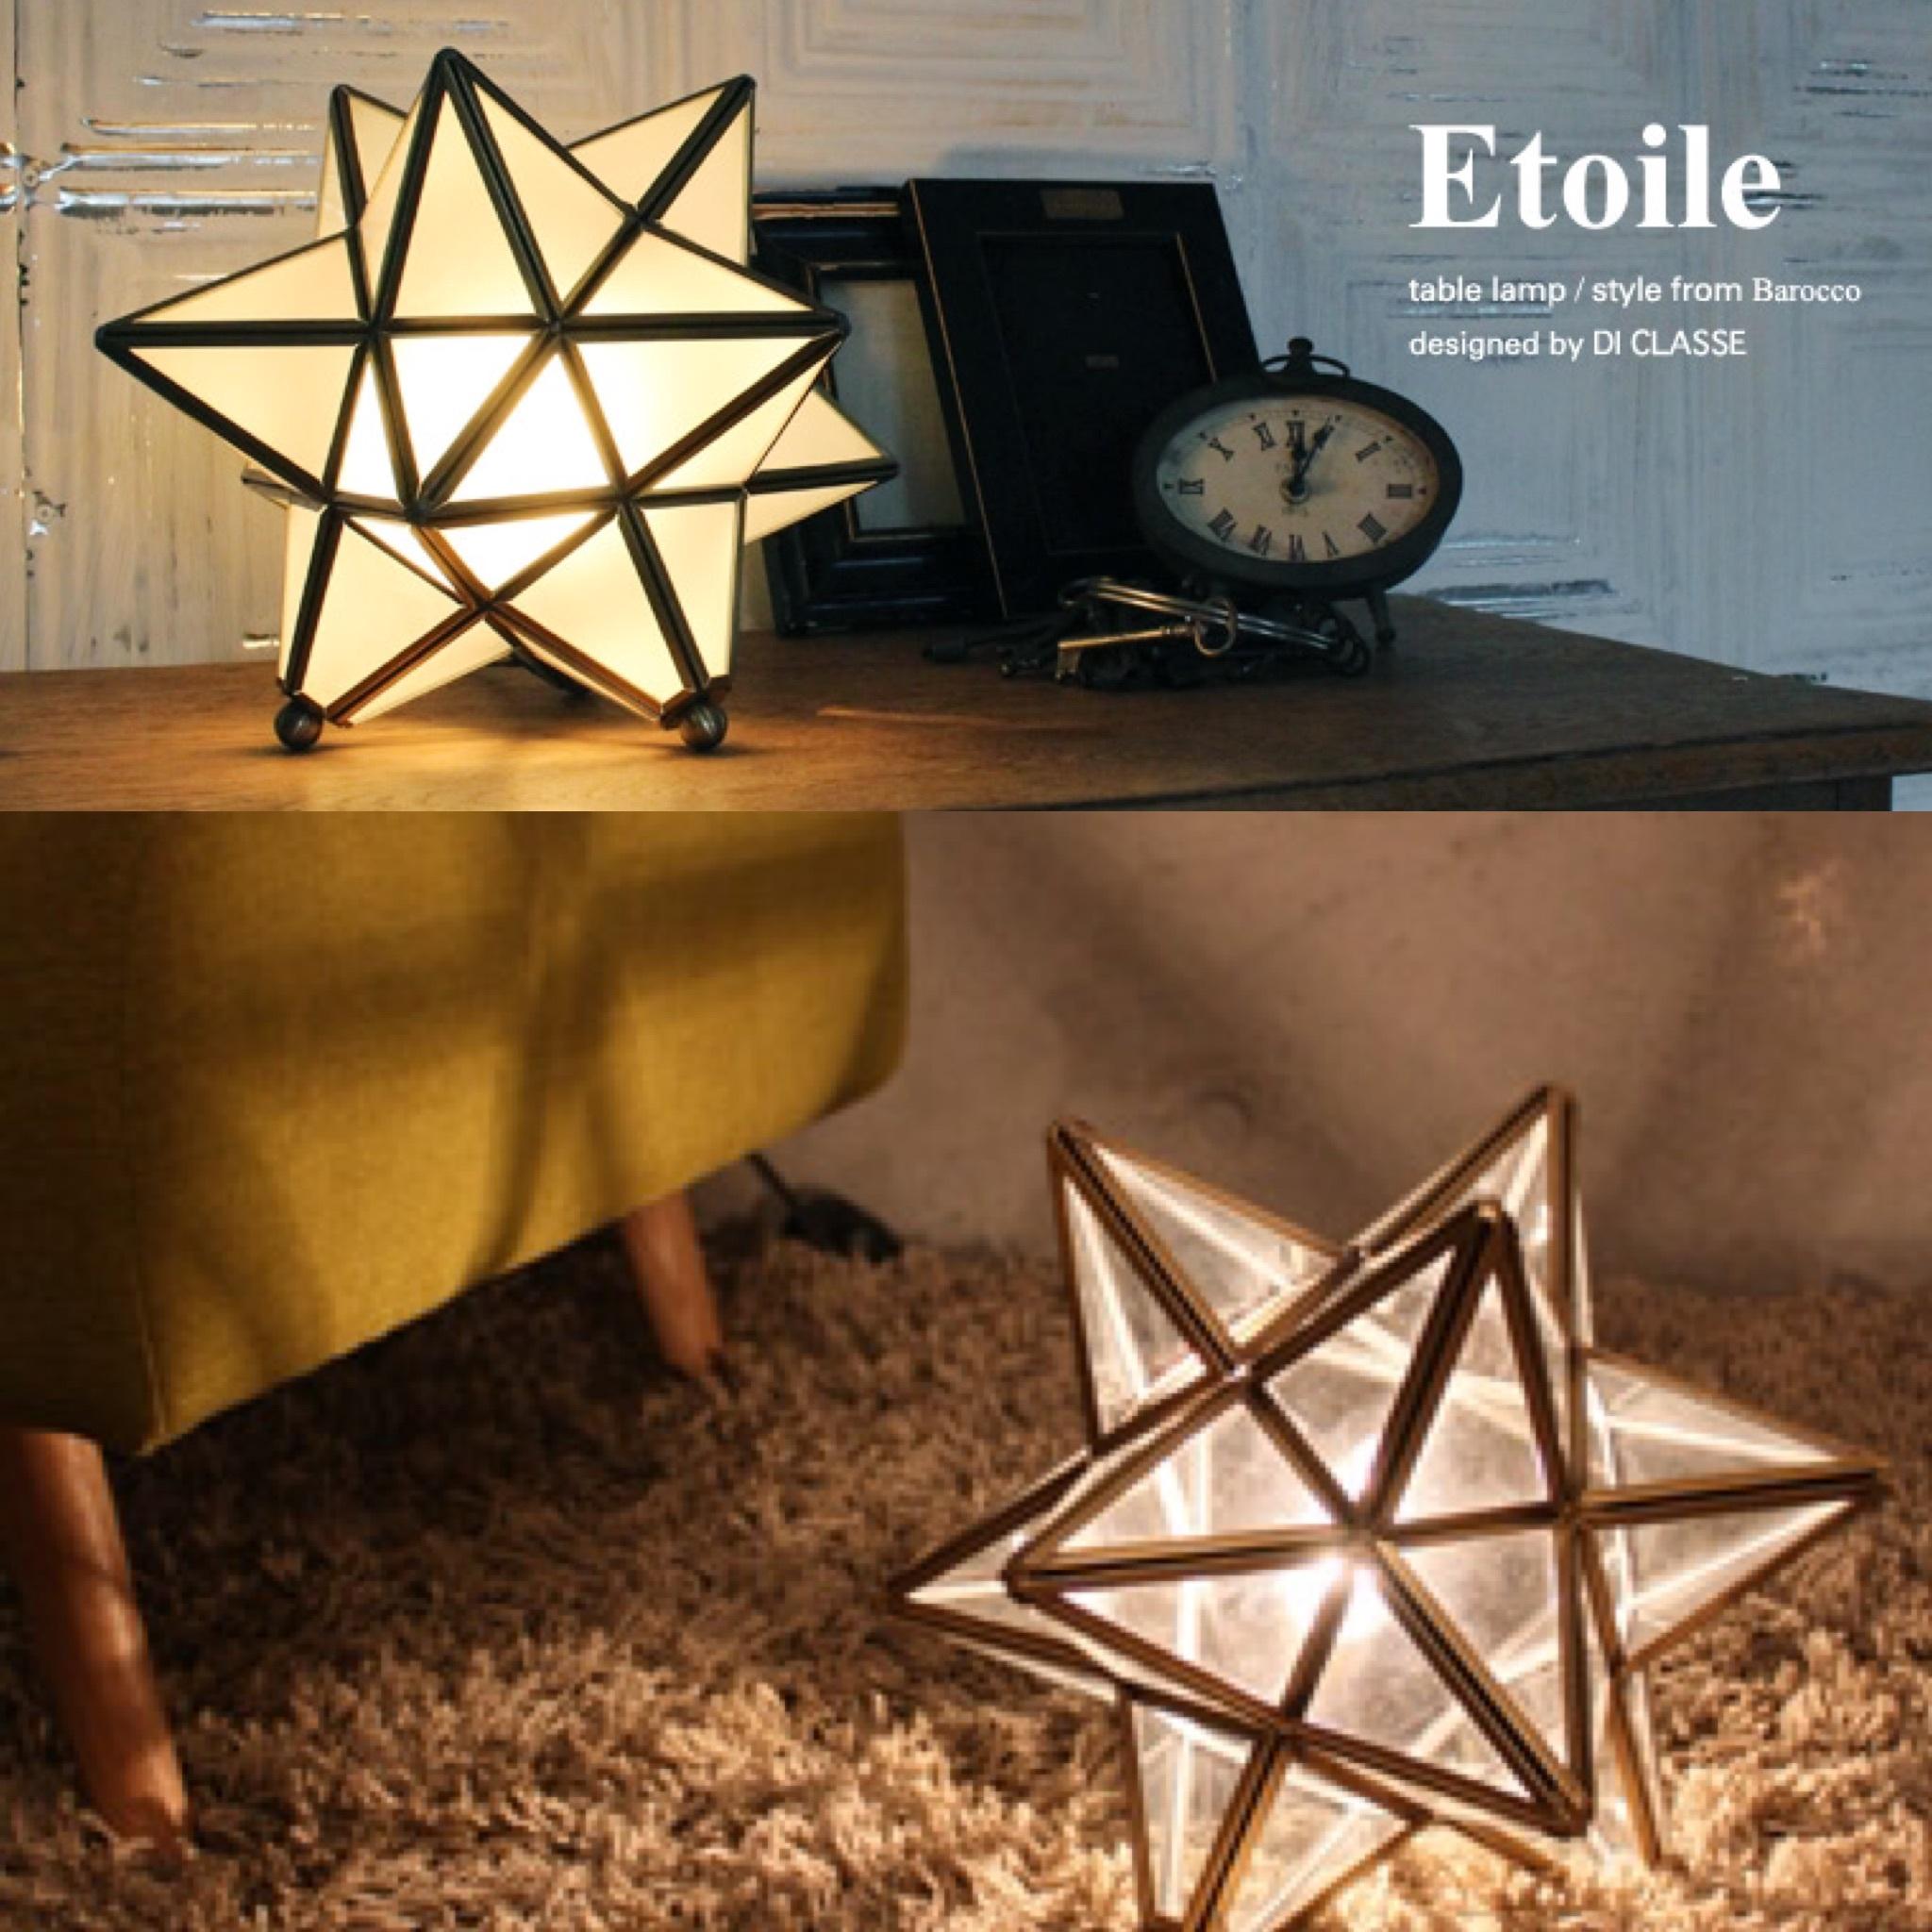 影を愉しむ星型ランプ Etoile テーブルランプ DI-CLASSE 全2色 白熱球 照明